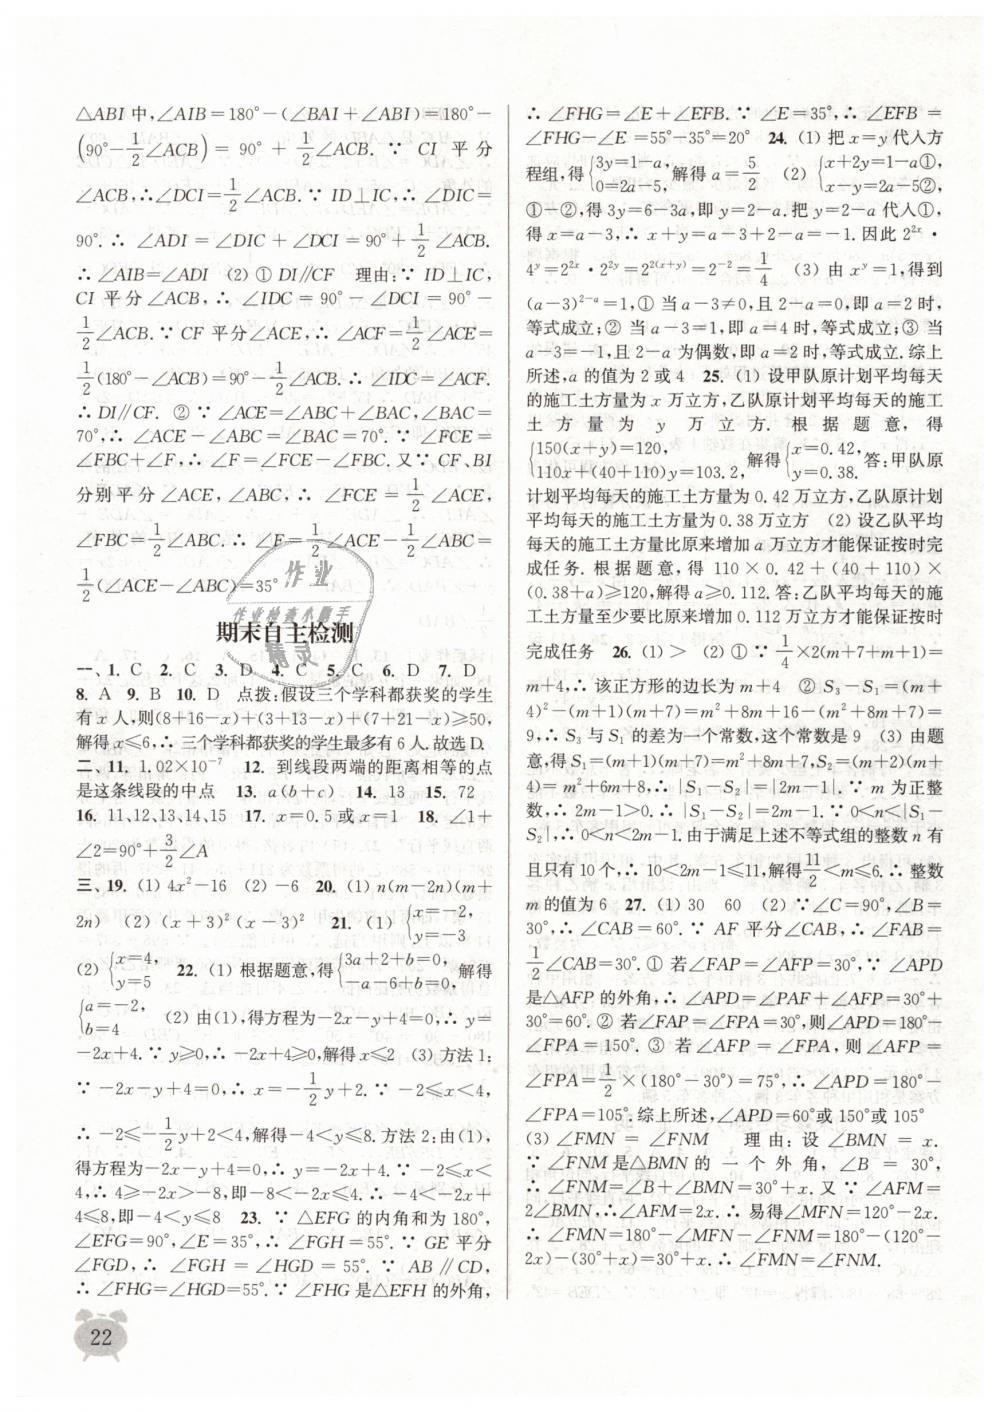 2019年通城学典课时作业本七年级数学下册苏科版江苏专用第22页